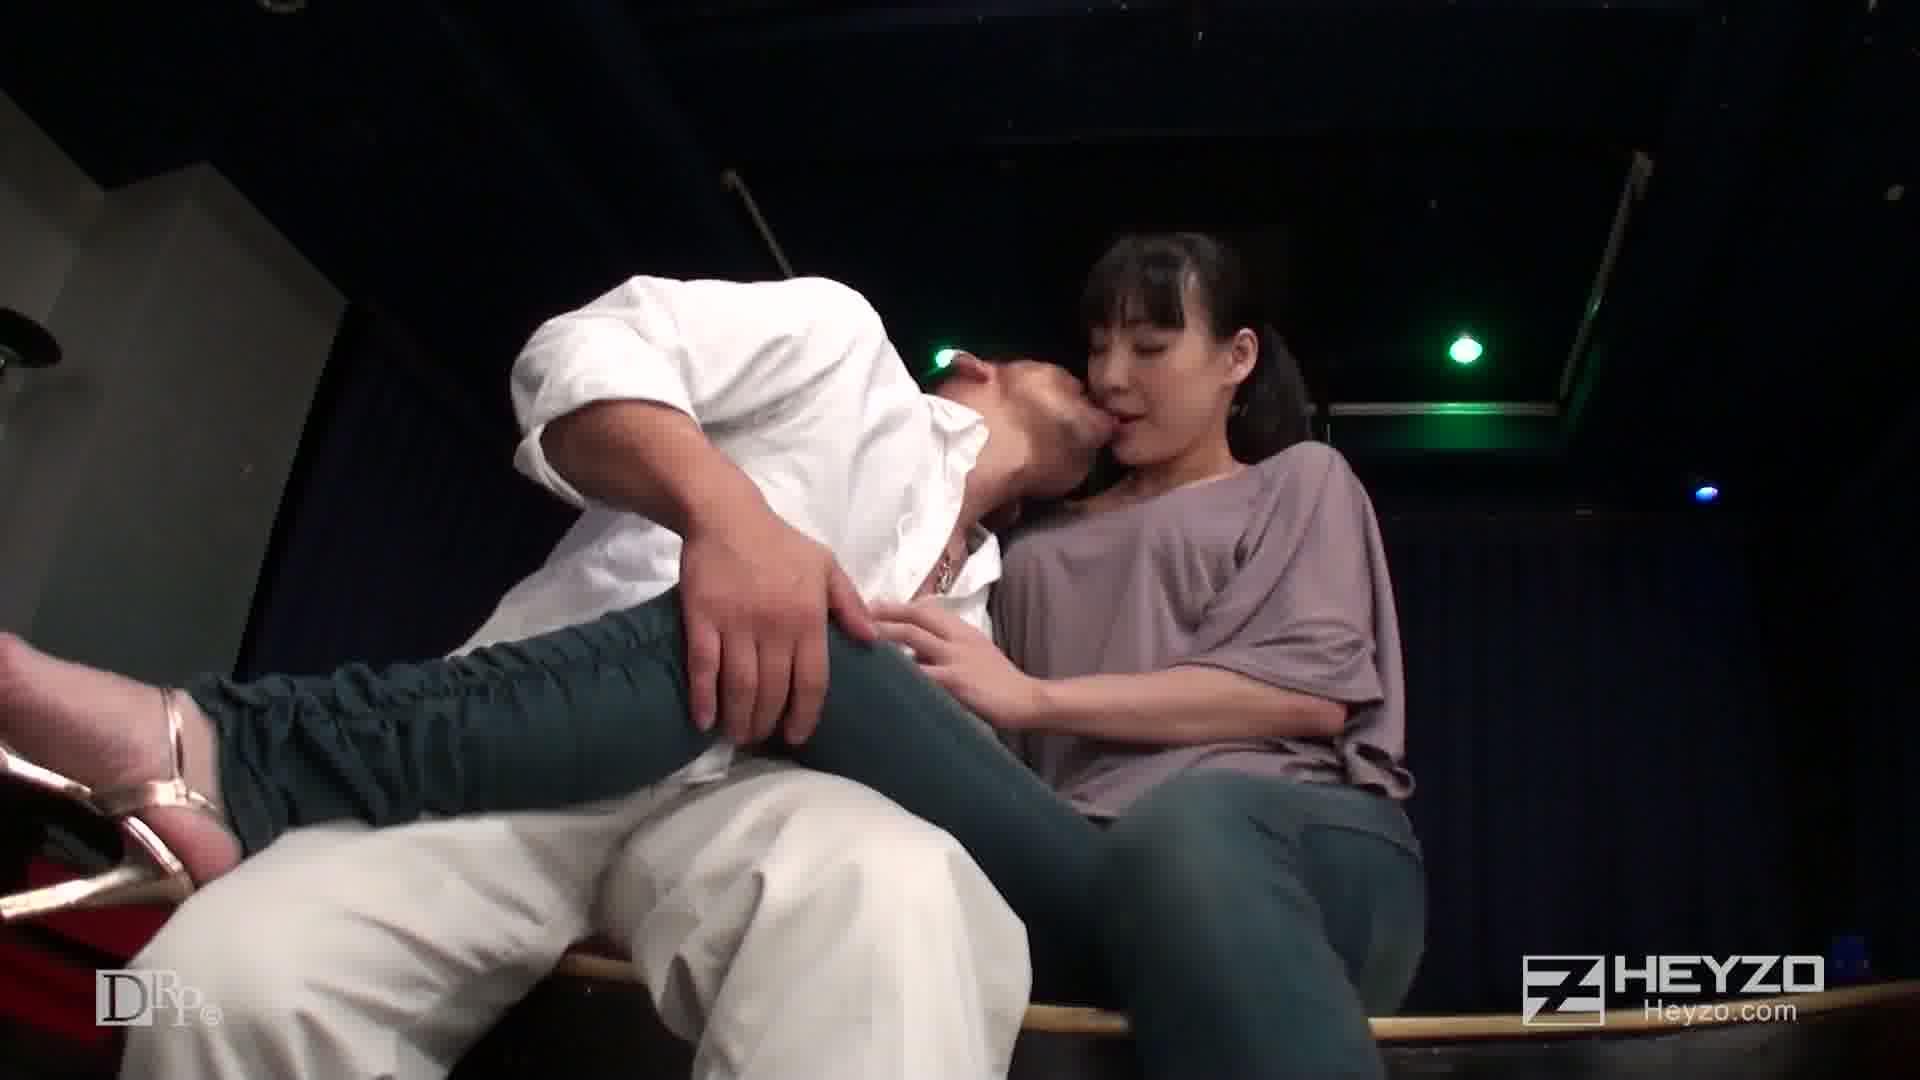 舞台に咲く情熱アクメ!現役ストリッパーの完熟エロス - 若林美保【クンニ 指マン ベロチュー フェラ】